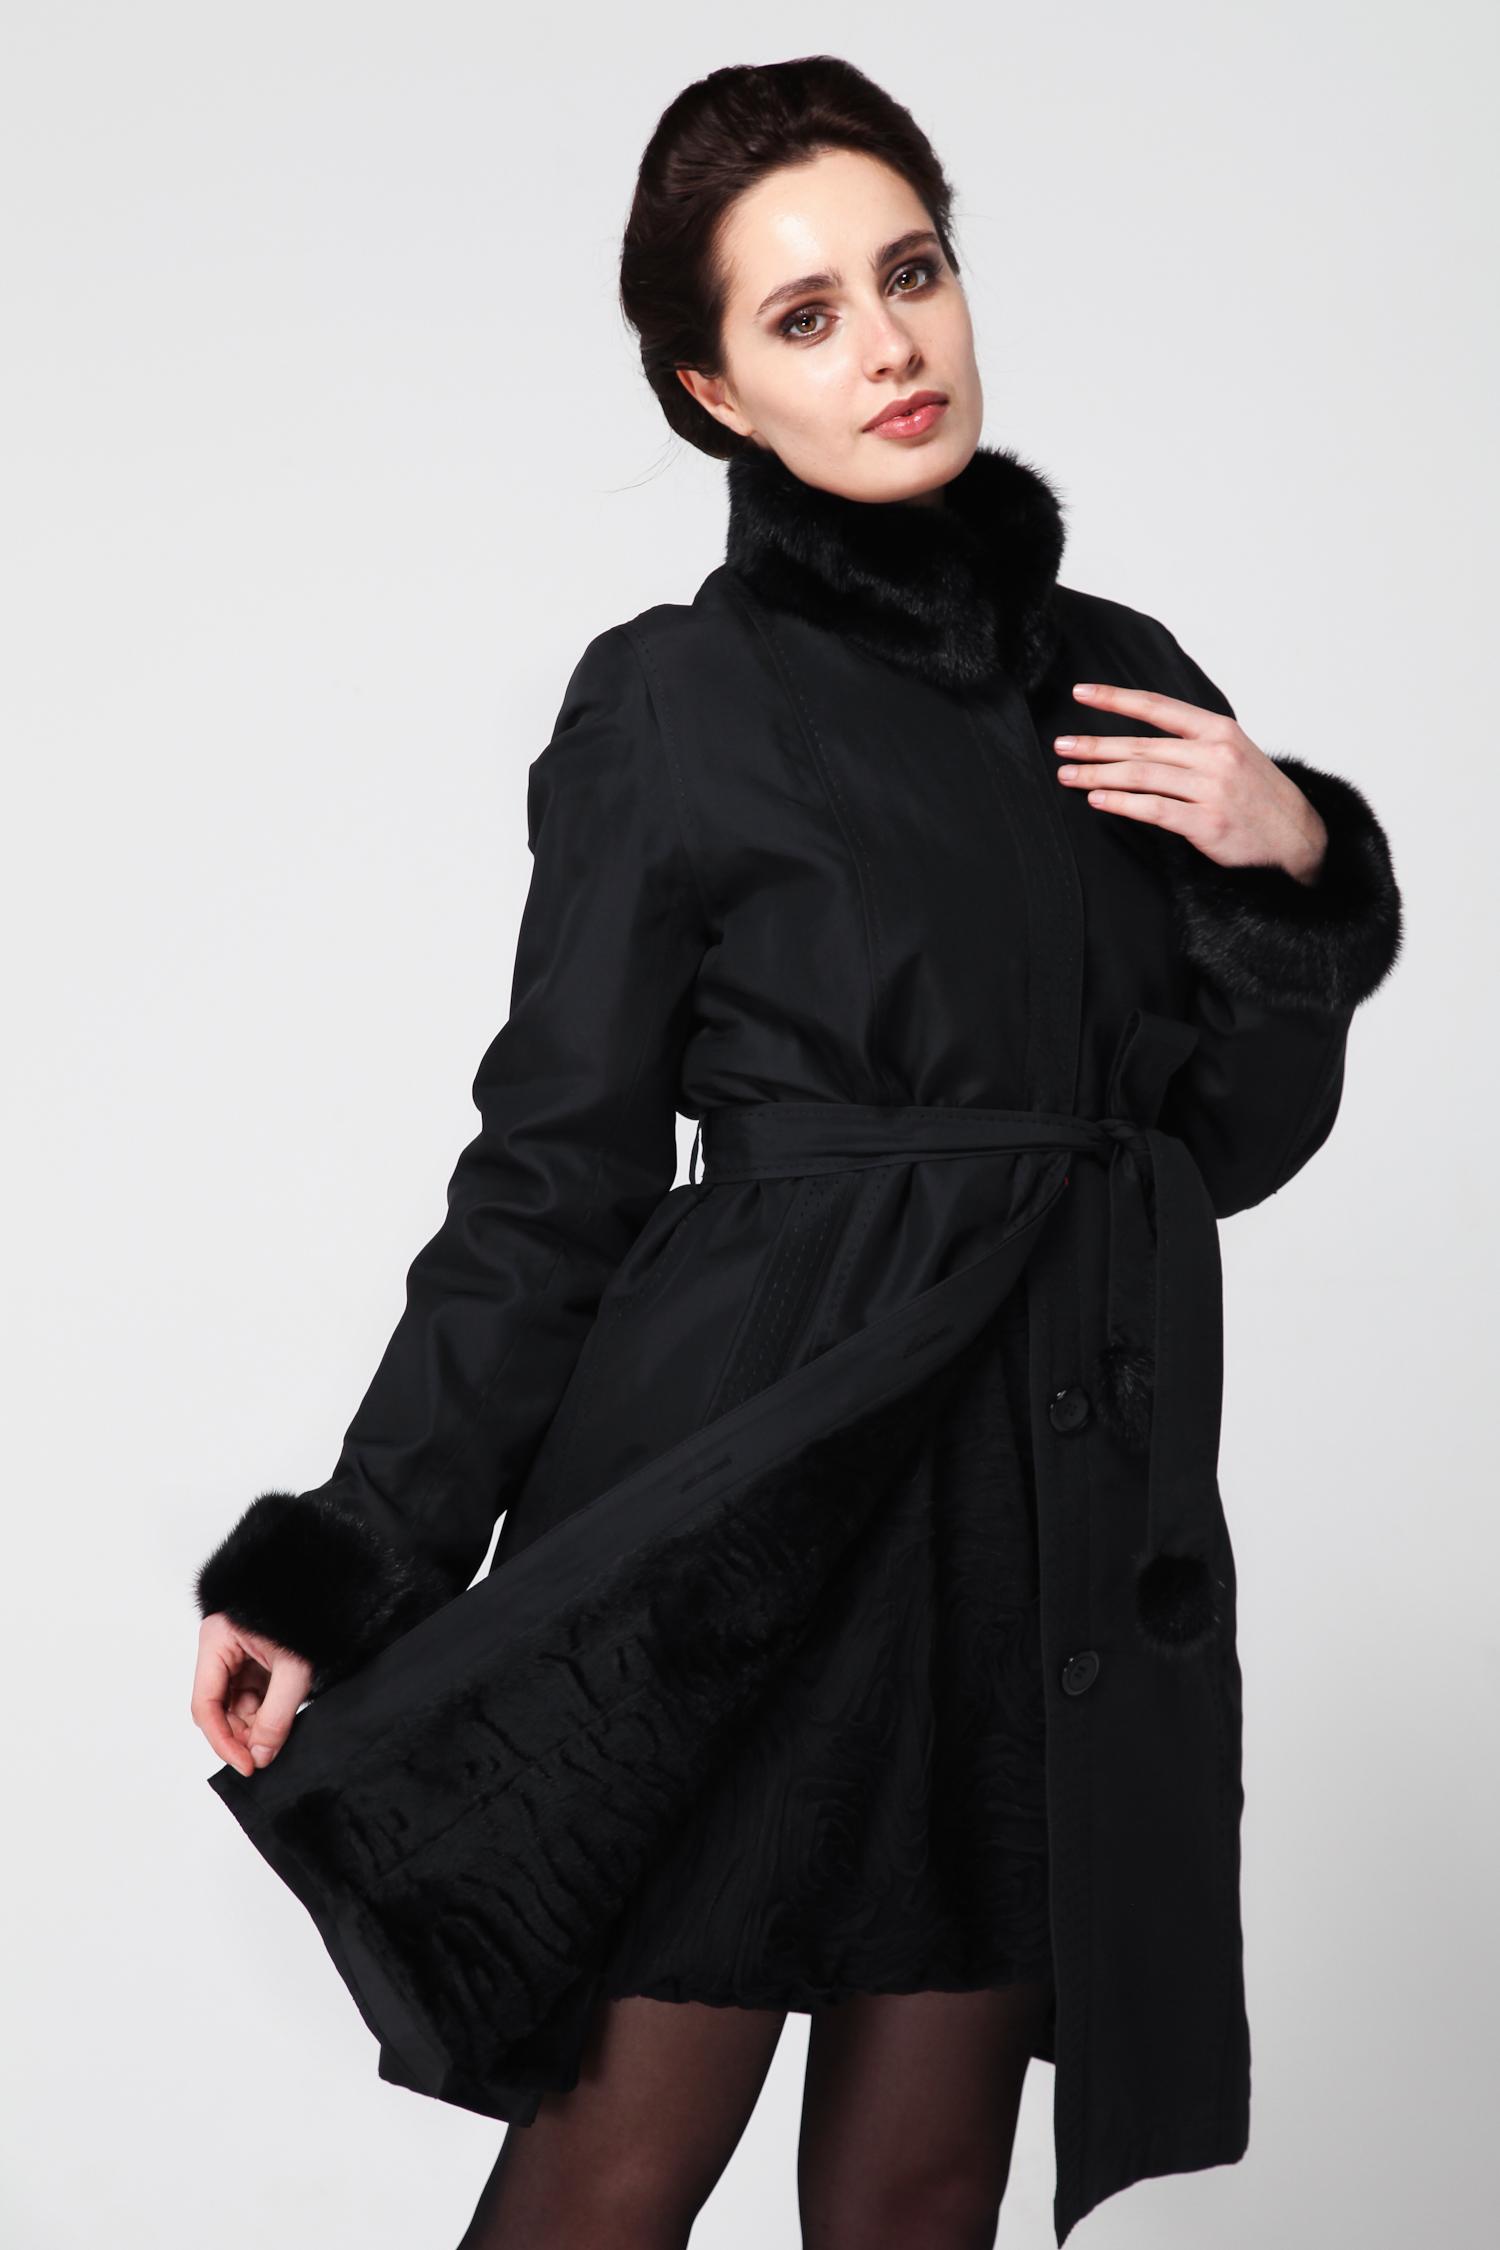 Пальто на меху с воротникомПеред Вами оригинальное пальто из прочной плащевки с подкладкой на меху.Воротник и манжеты выполнены из меха норки. Застегивается это пальто на потайные пуговицы. Талию всегда можно подчеркнуть, повязав элегантный пояс. Такой вариант верхней одежды точно найдет место в женском гардеробе.<br><br>Воротник: Английский<br>Длина см: 100<br>Материал: Текстиль/кролик<br>Цвет: Черный<br>Вид застежки: Норка<br>Пол: Женский